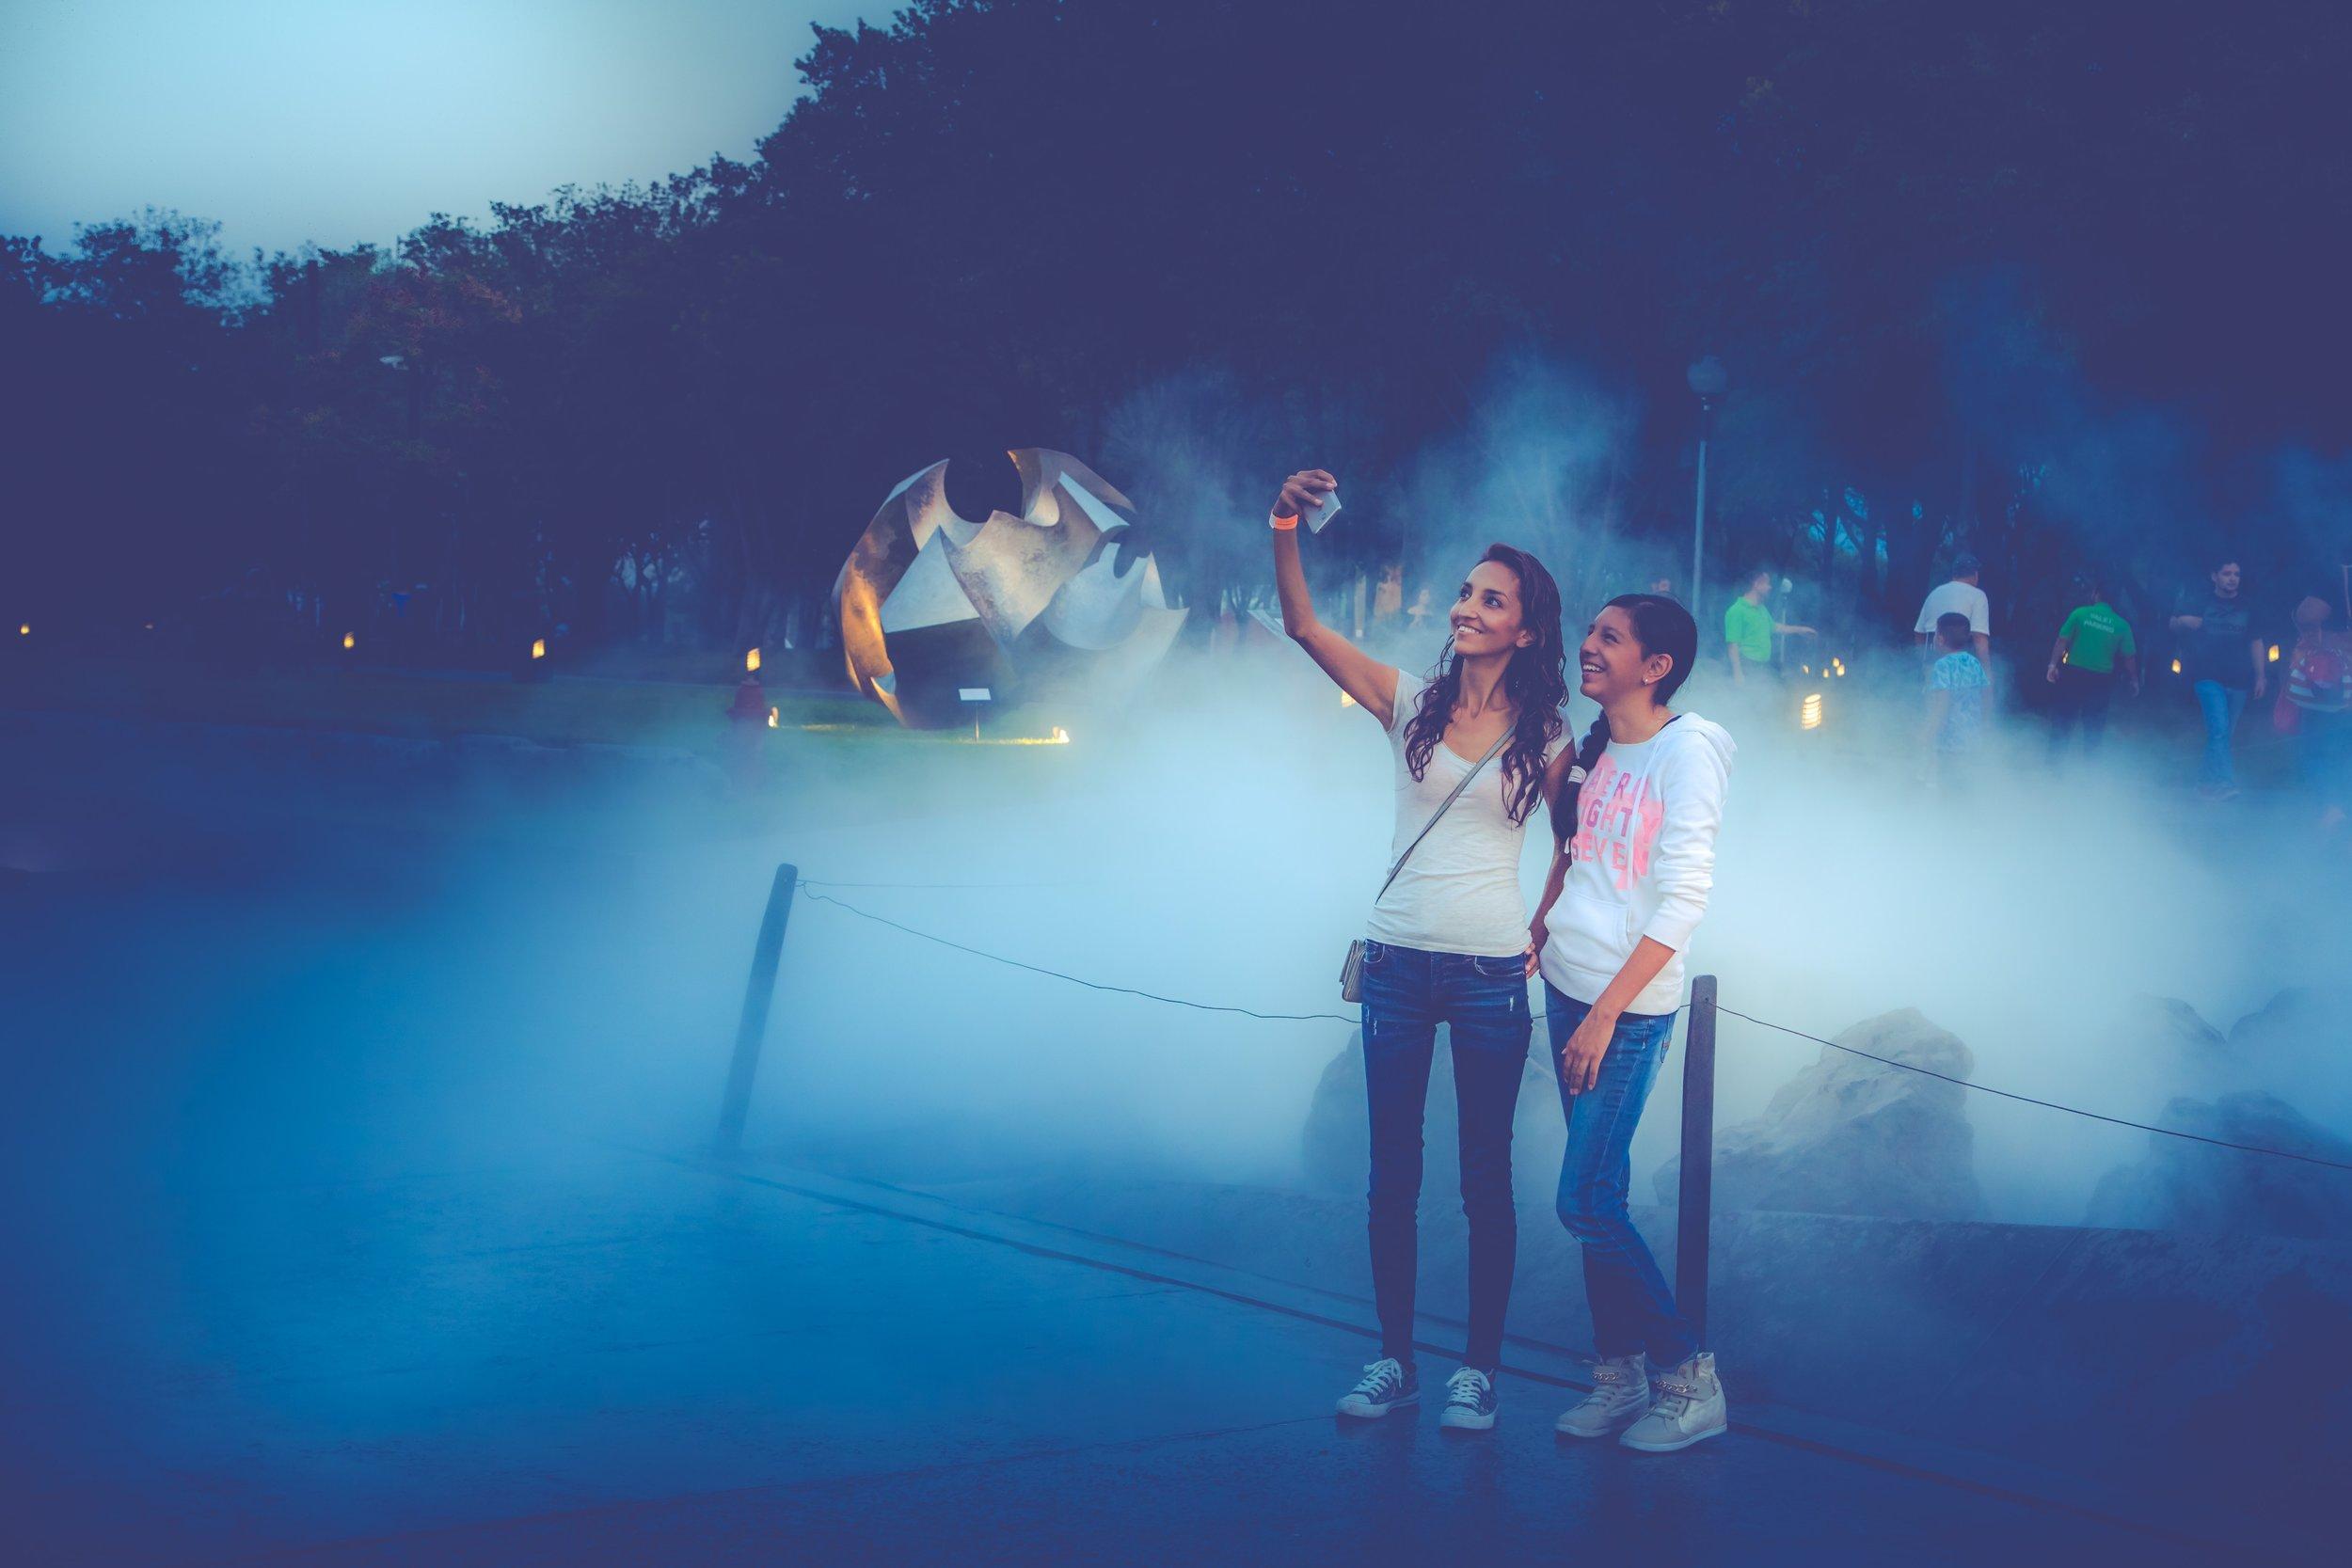 girls-people-selfie-979075.jpg